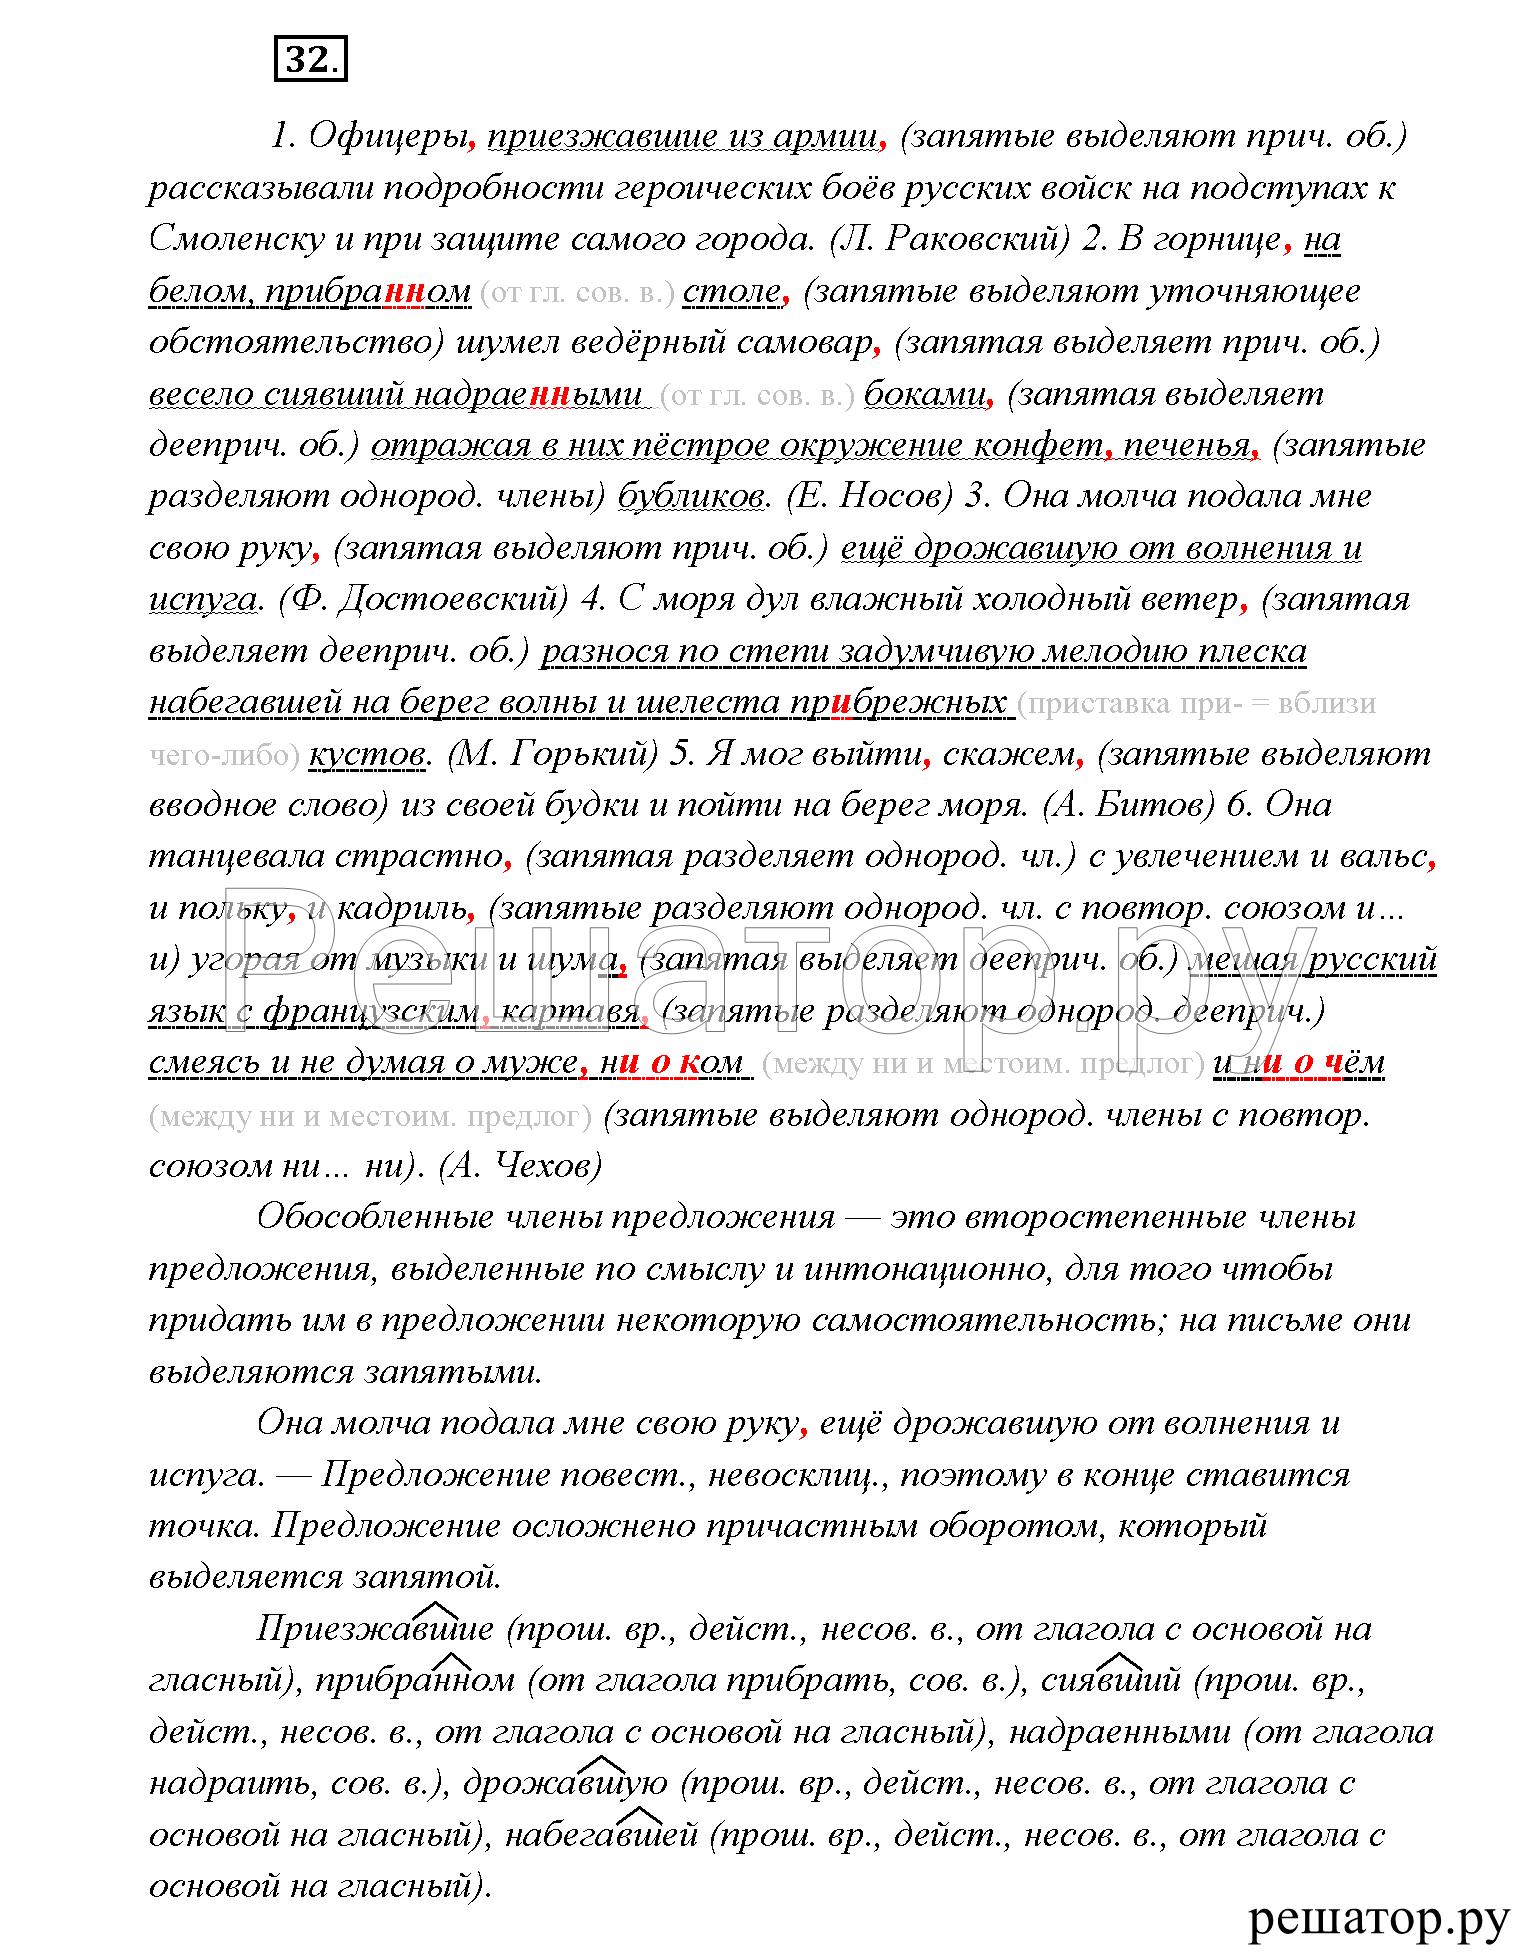 Русский язык решебник 9 класс л. А. Тростенцова.